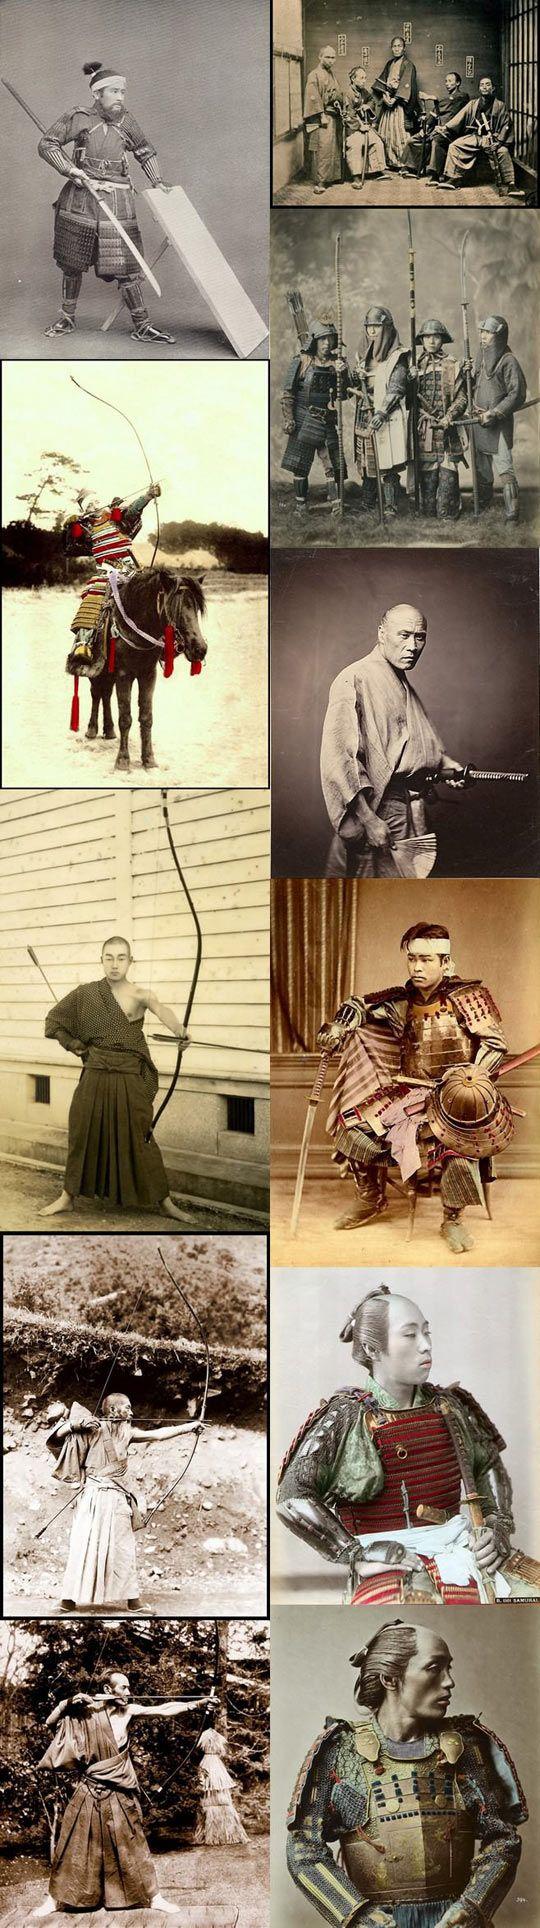 Japanese samurais